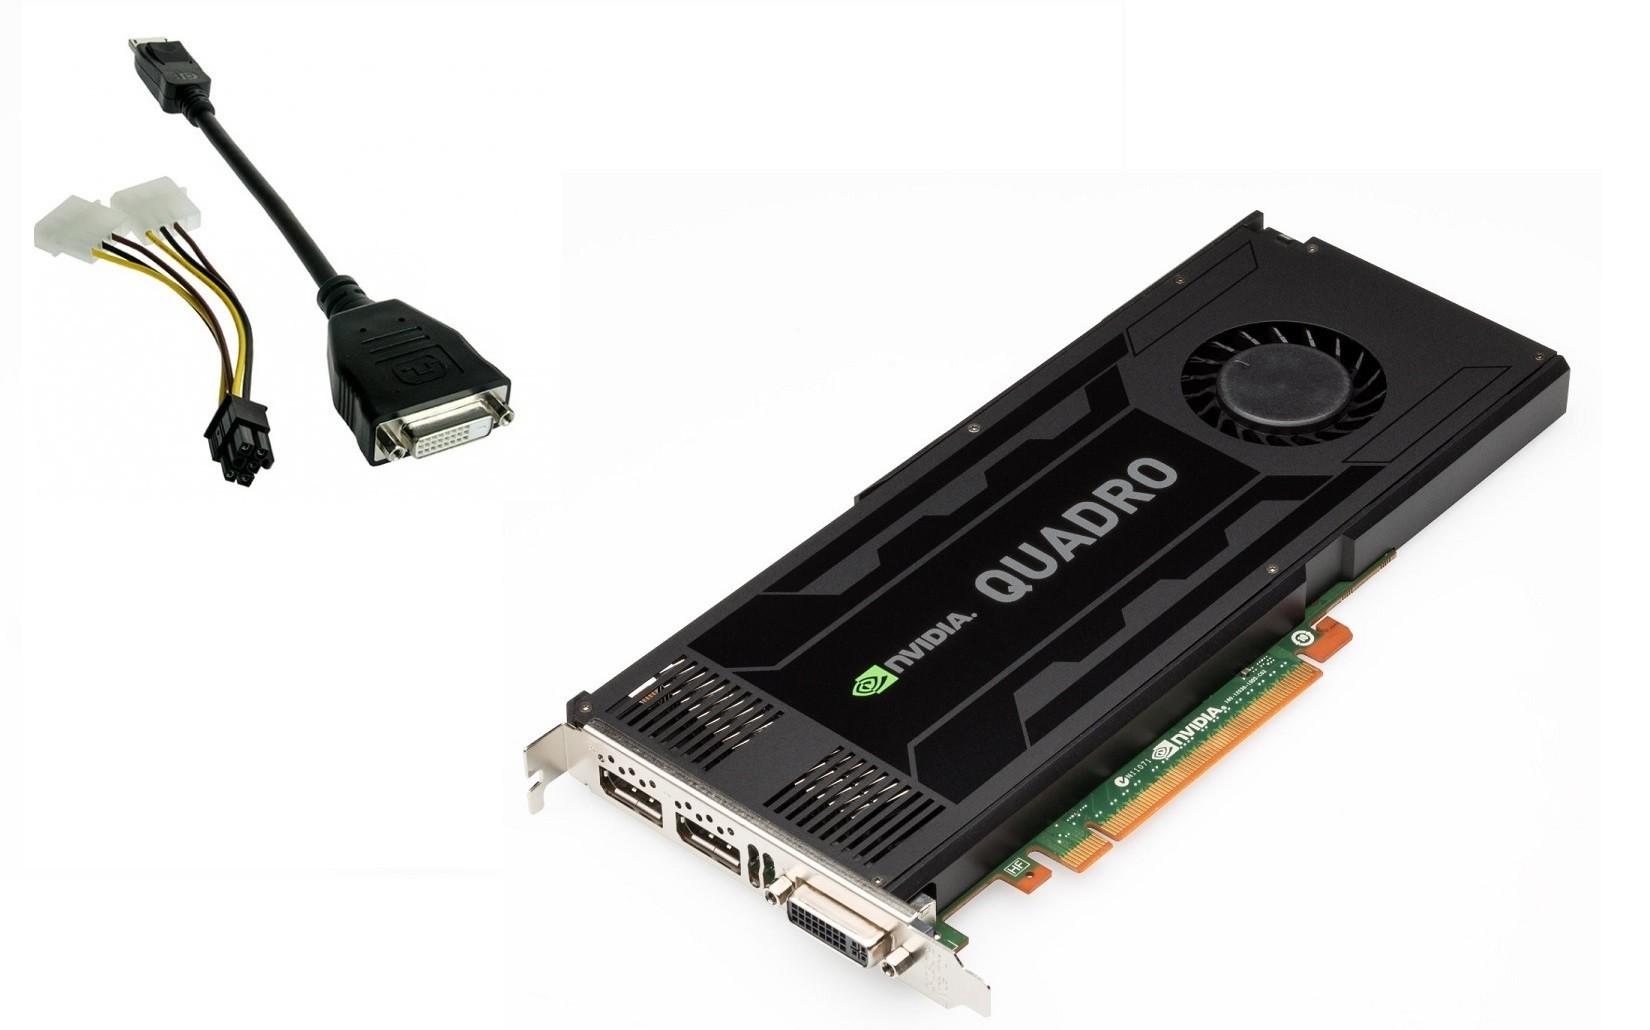 3GB nVIDIA Quadro K4000 DVI-I 2x Display Ports GDDR5 PCI Express 2.0 x16 OEM Graphic Card